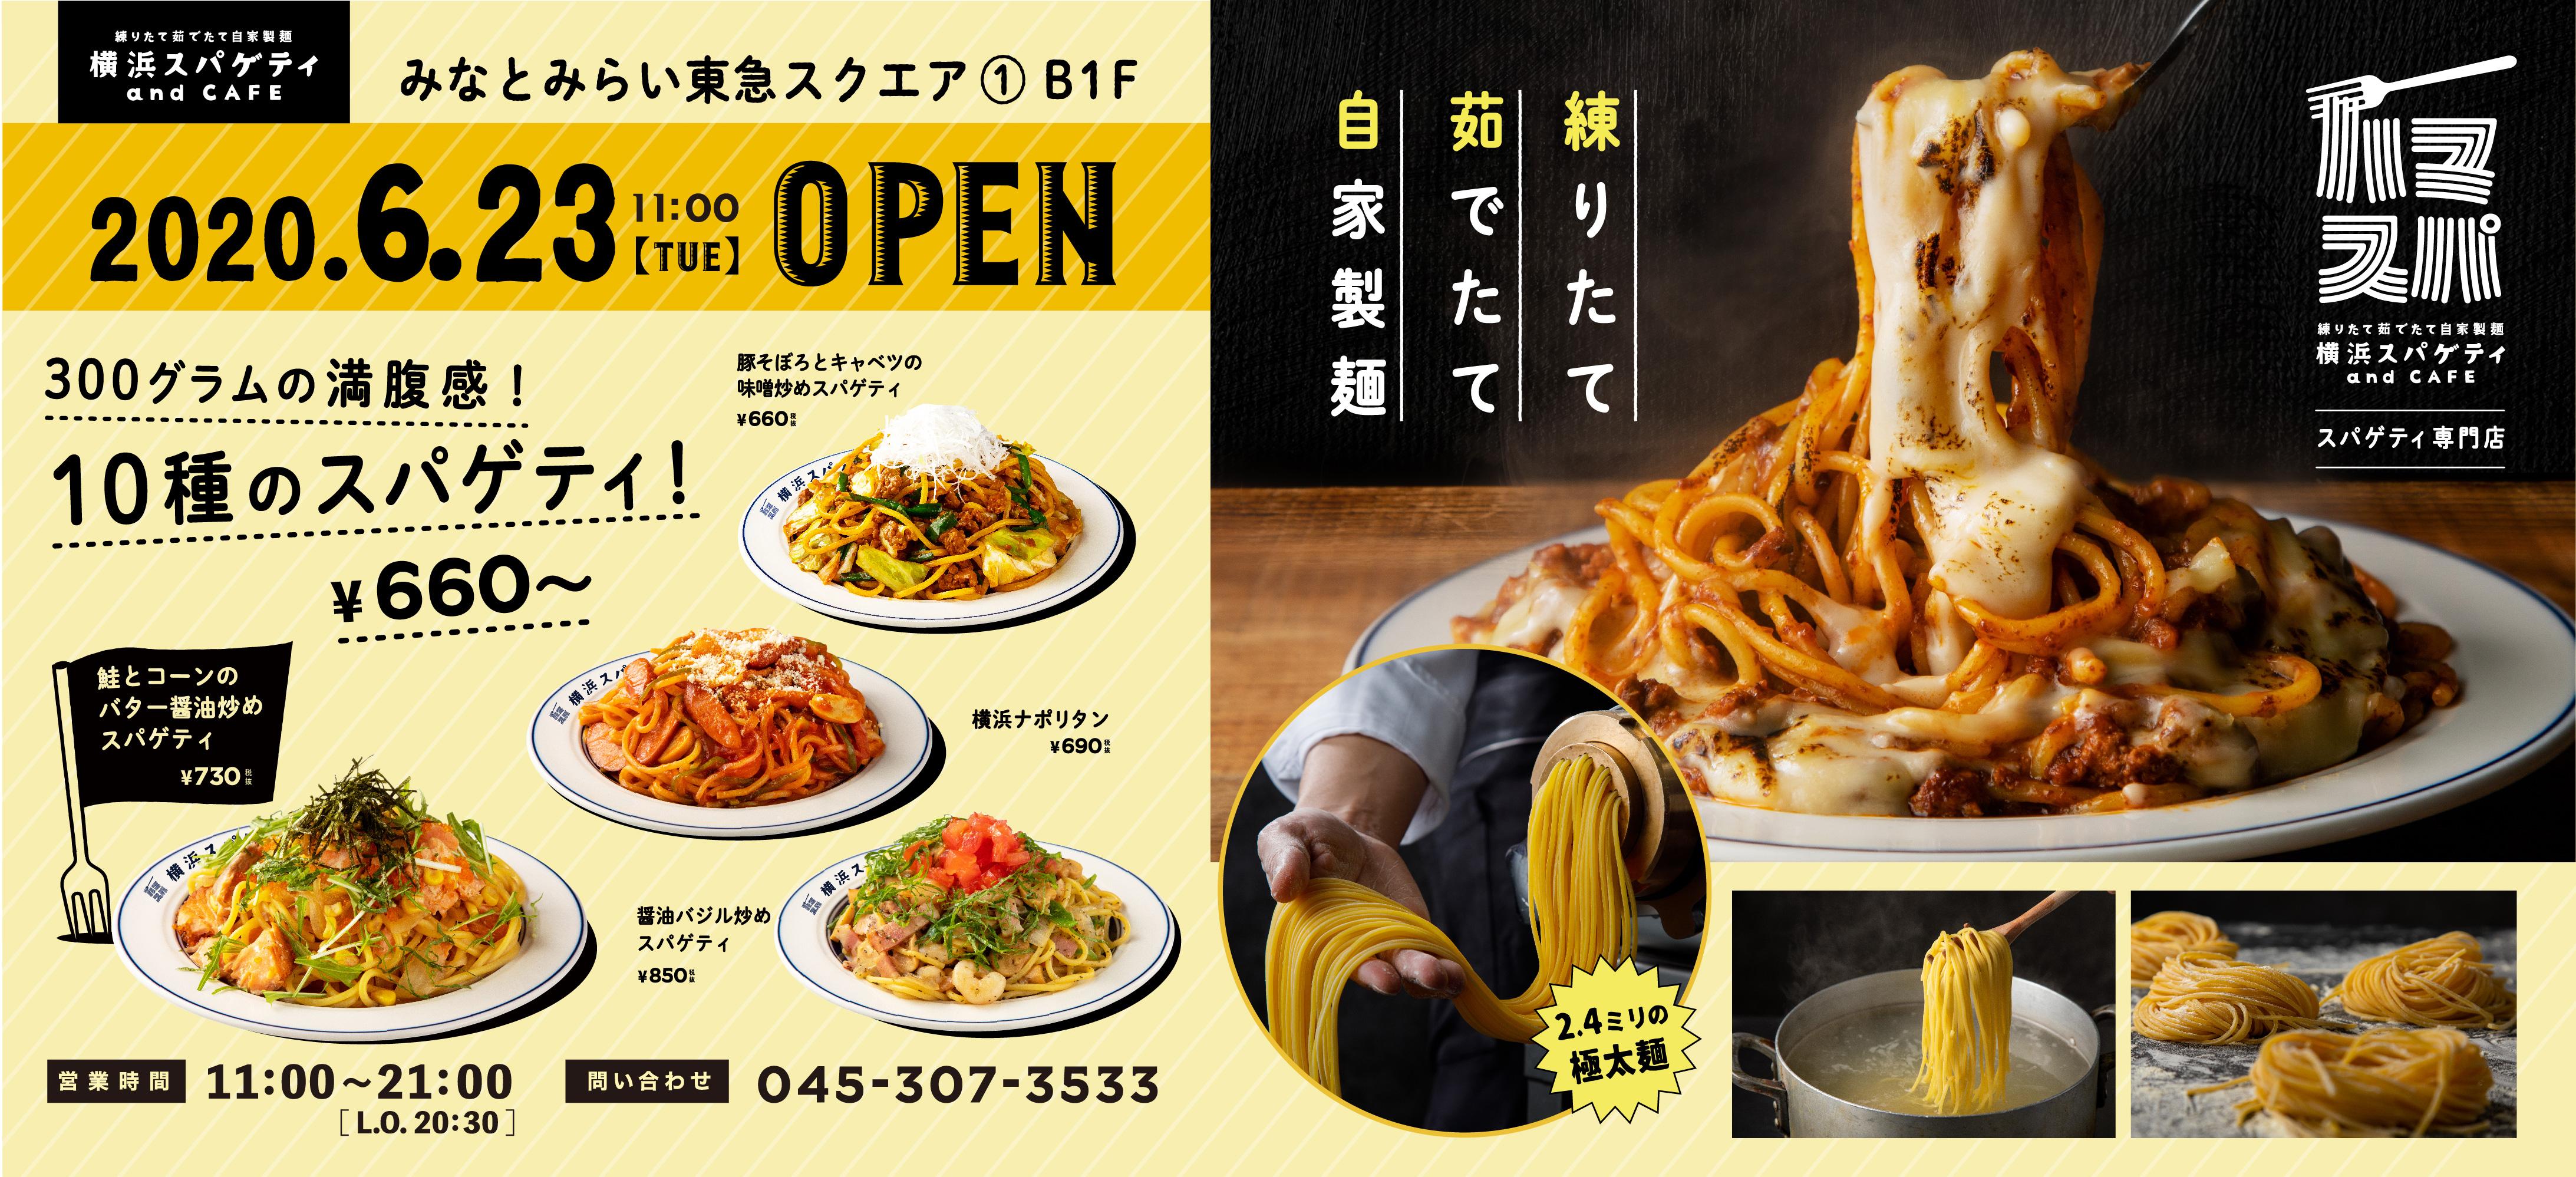 【横浜スパゲッティ】6月23日オープンしました!